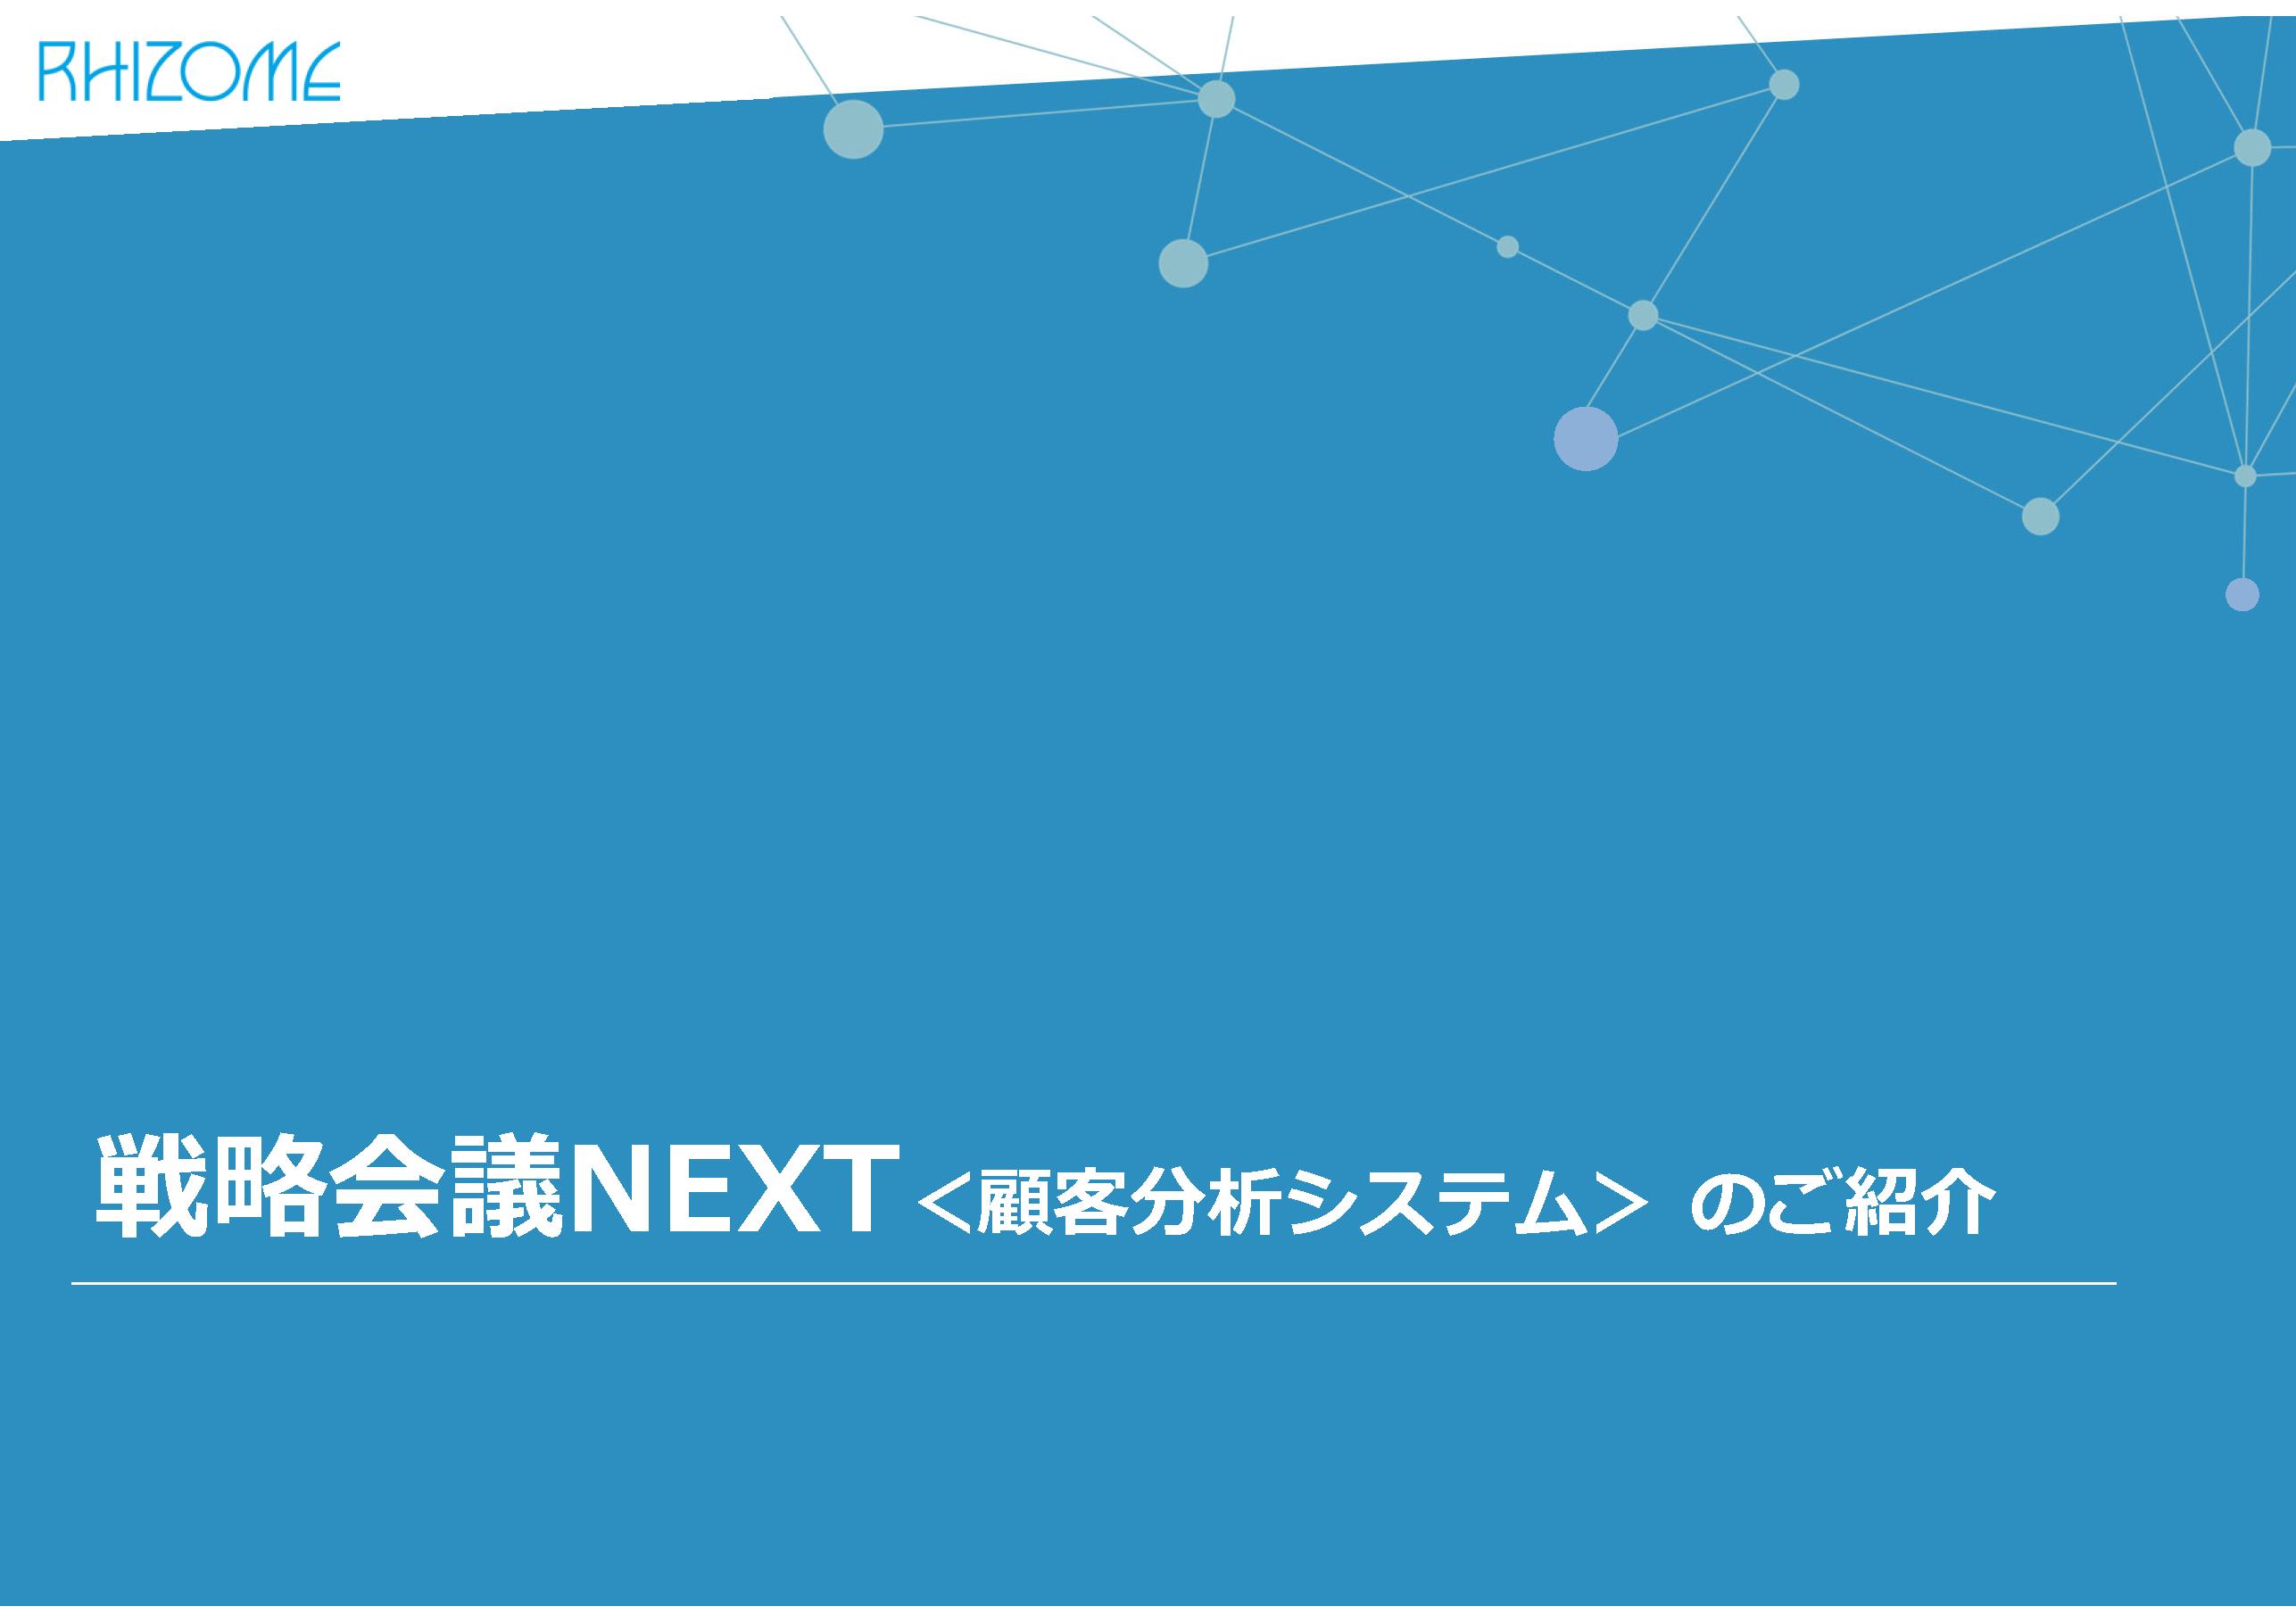 戦略会議NEXT 製品パンフレット